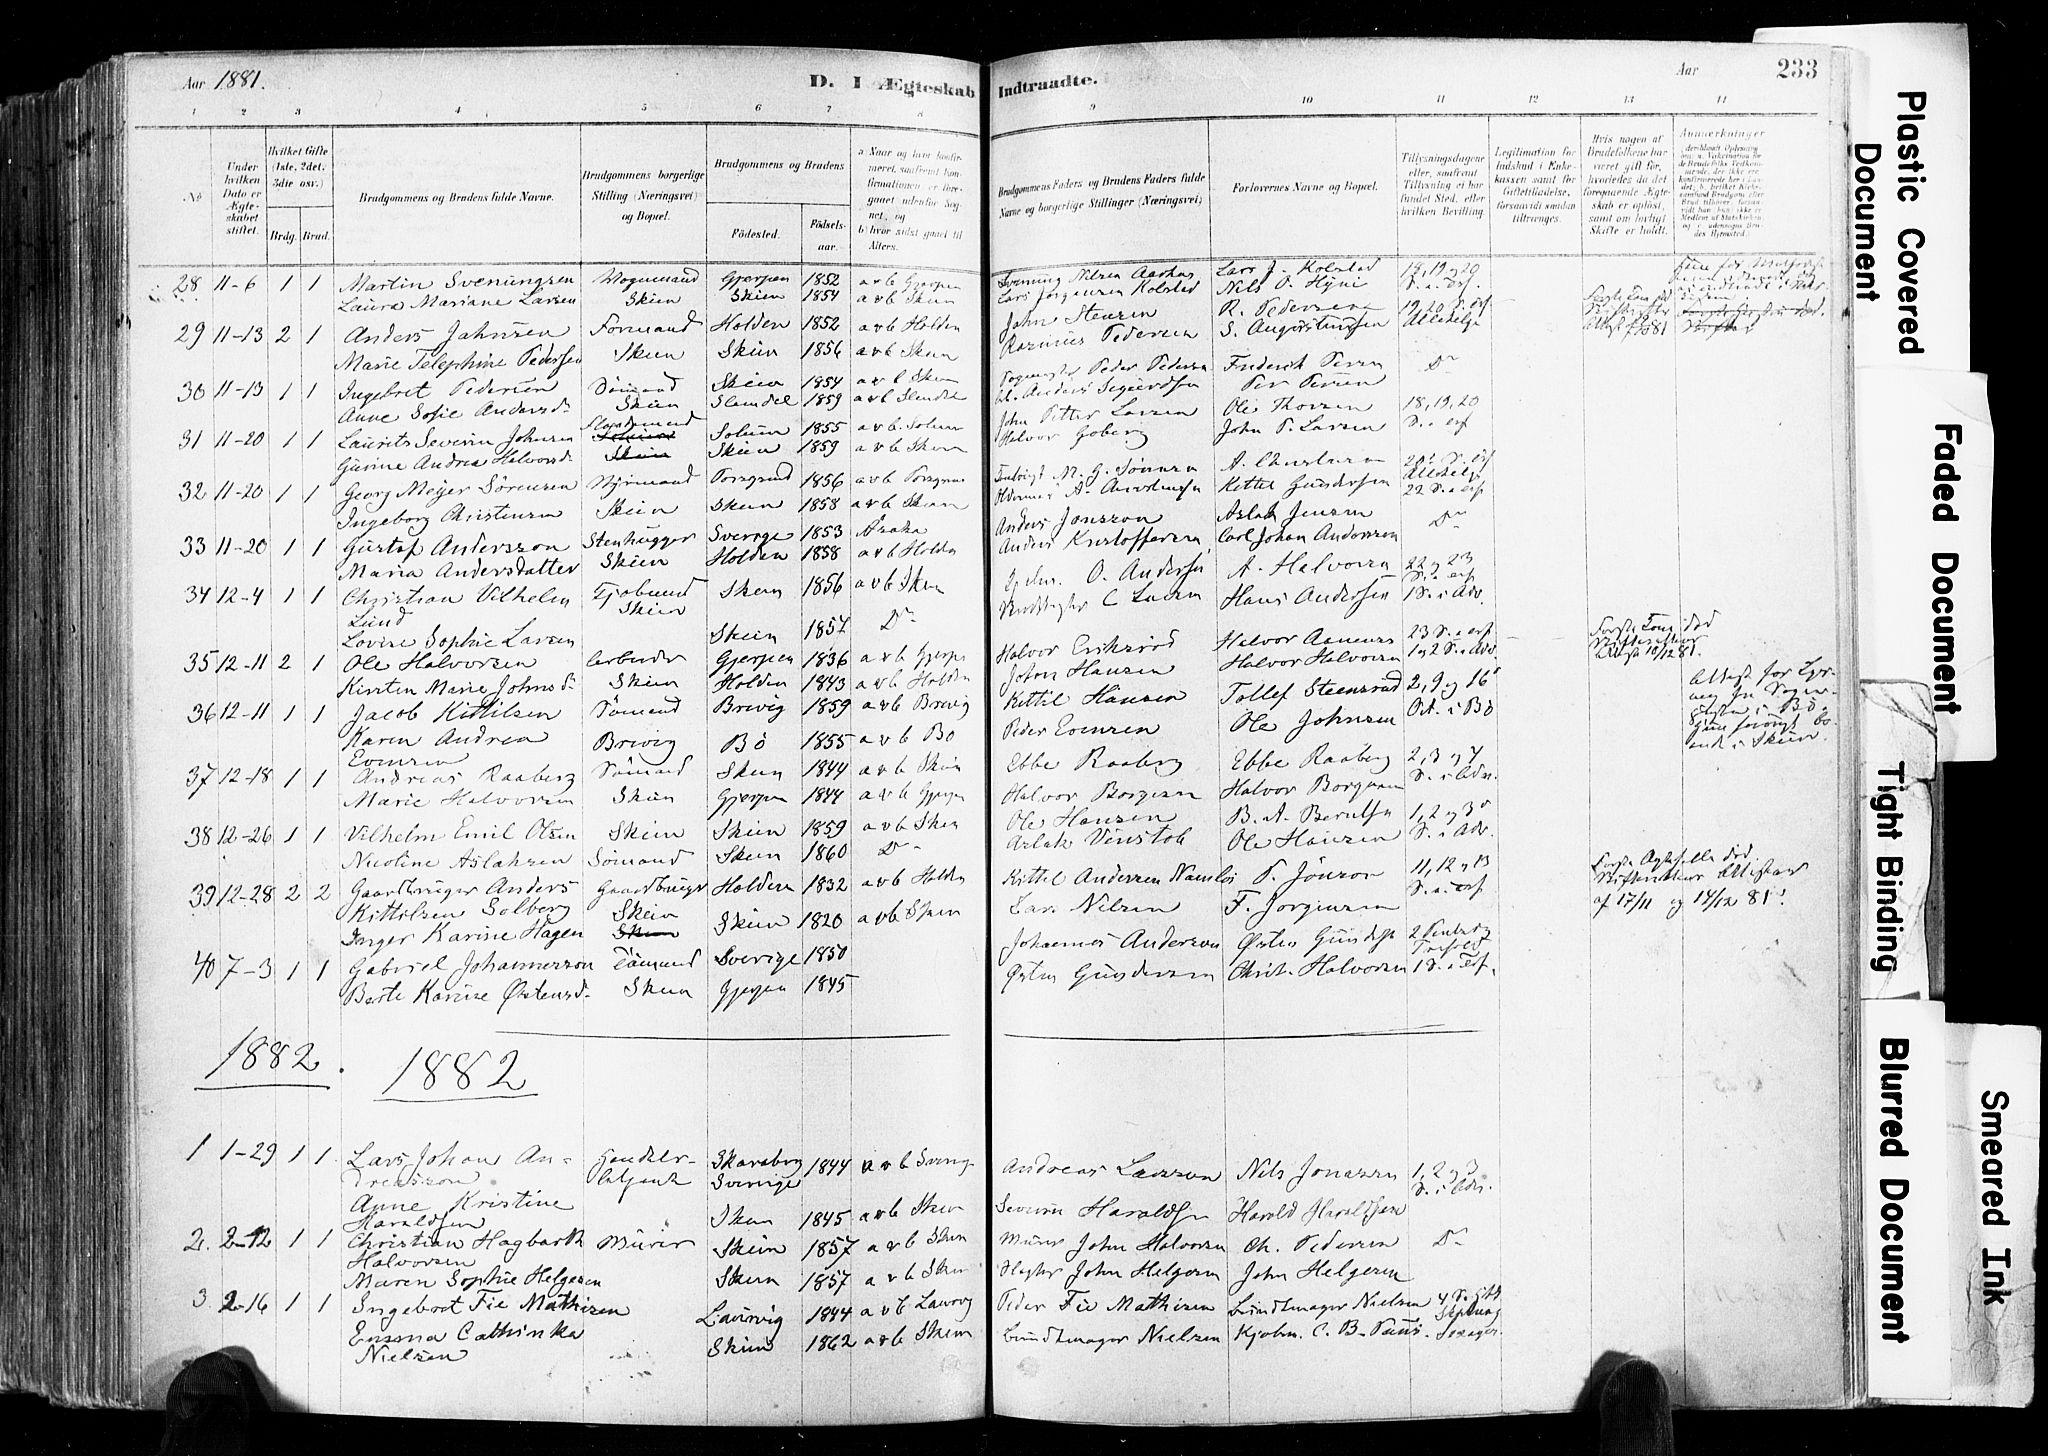 SAKO, Skien kirkebøker, F/Fa/L0009: Ministerialbok nr. 9, 1878-1890, s. 233